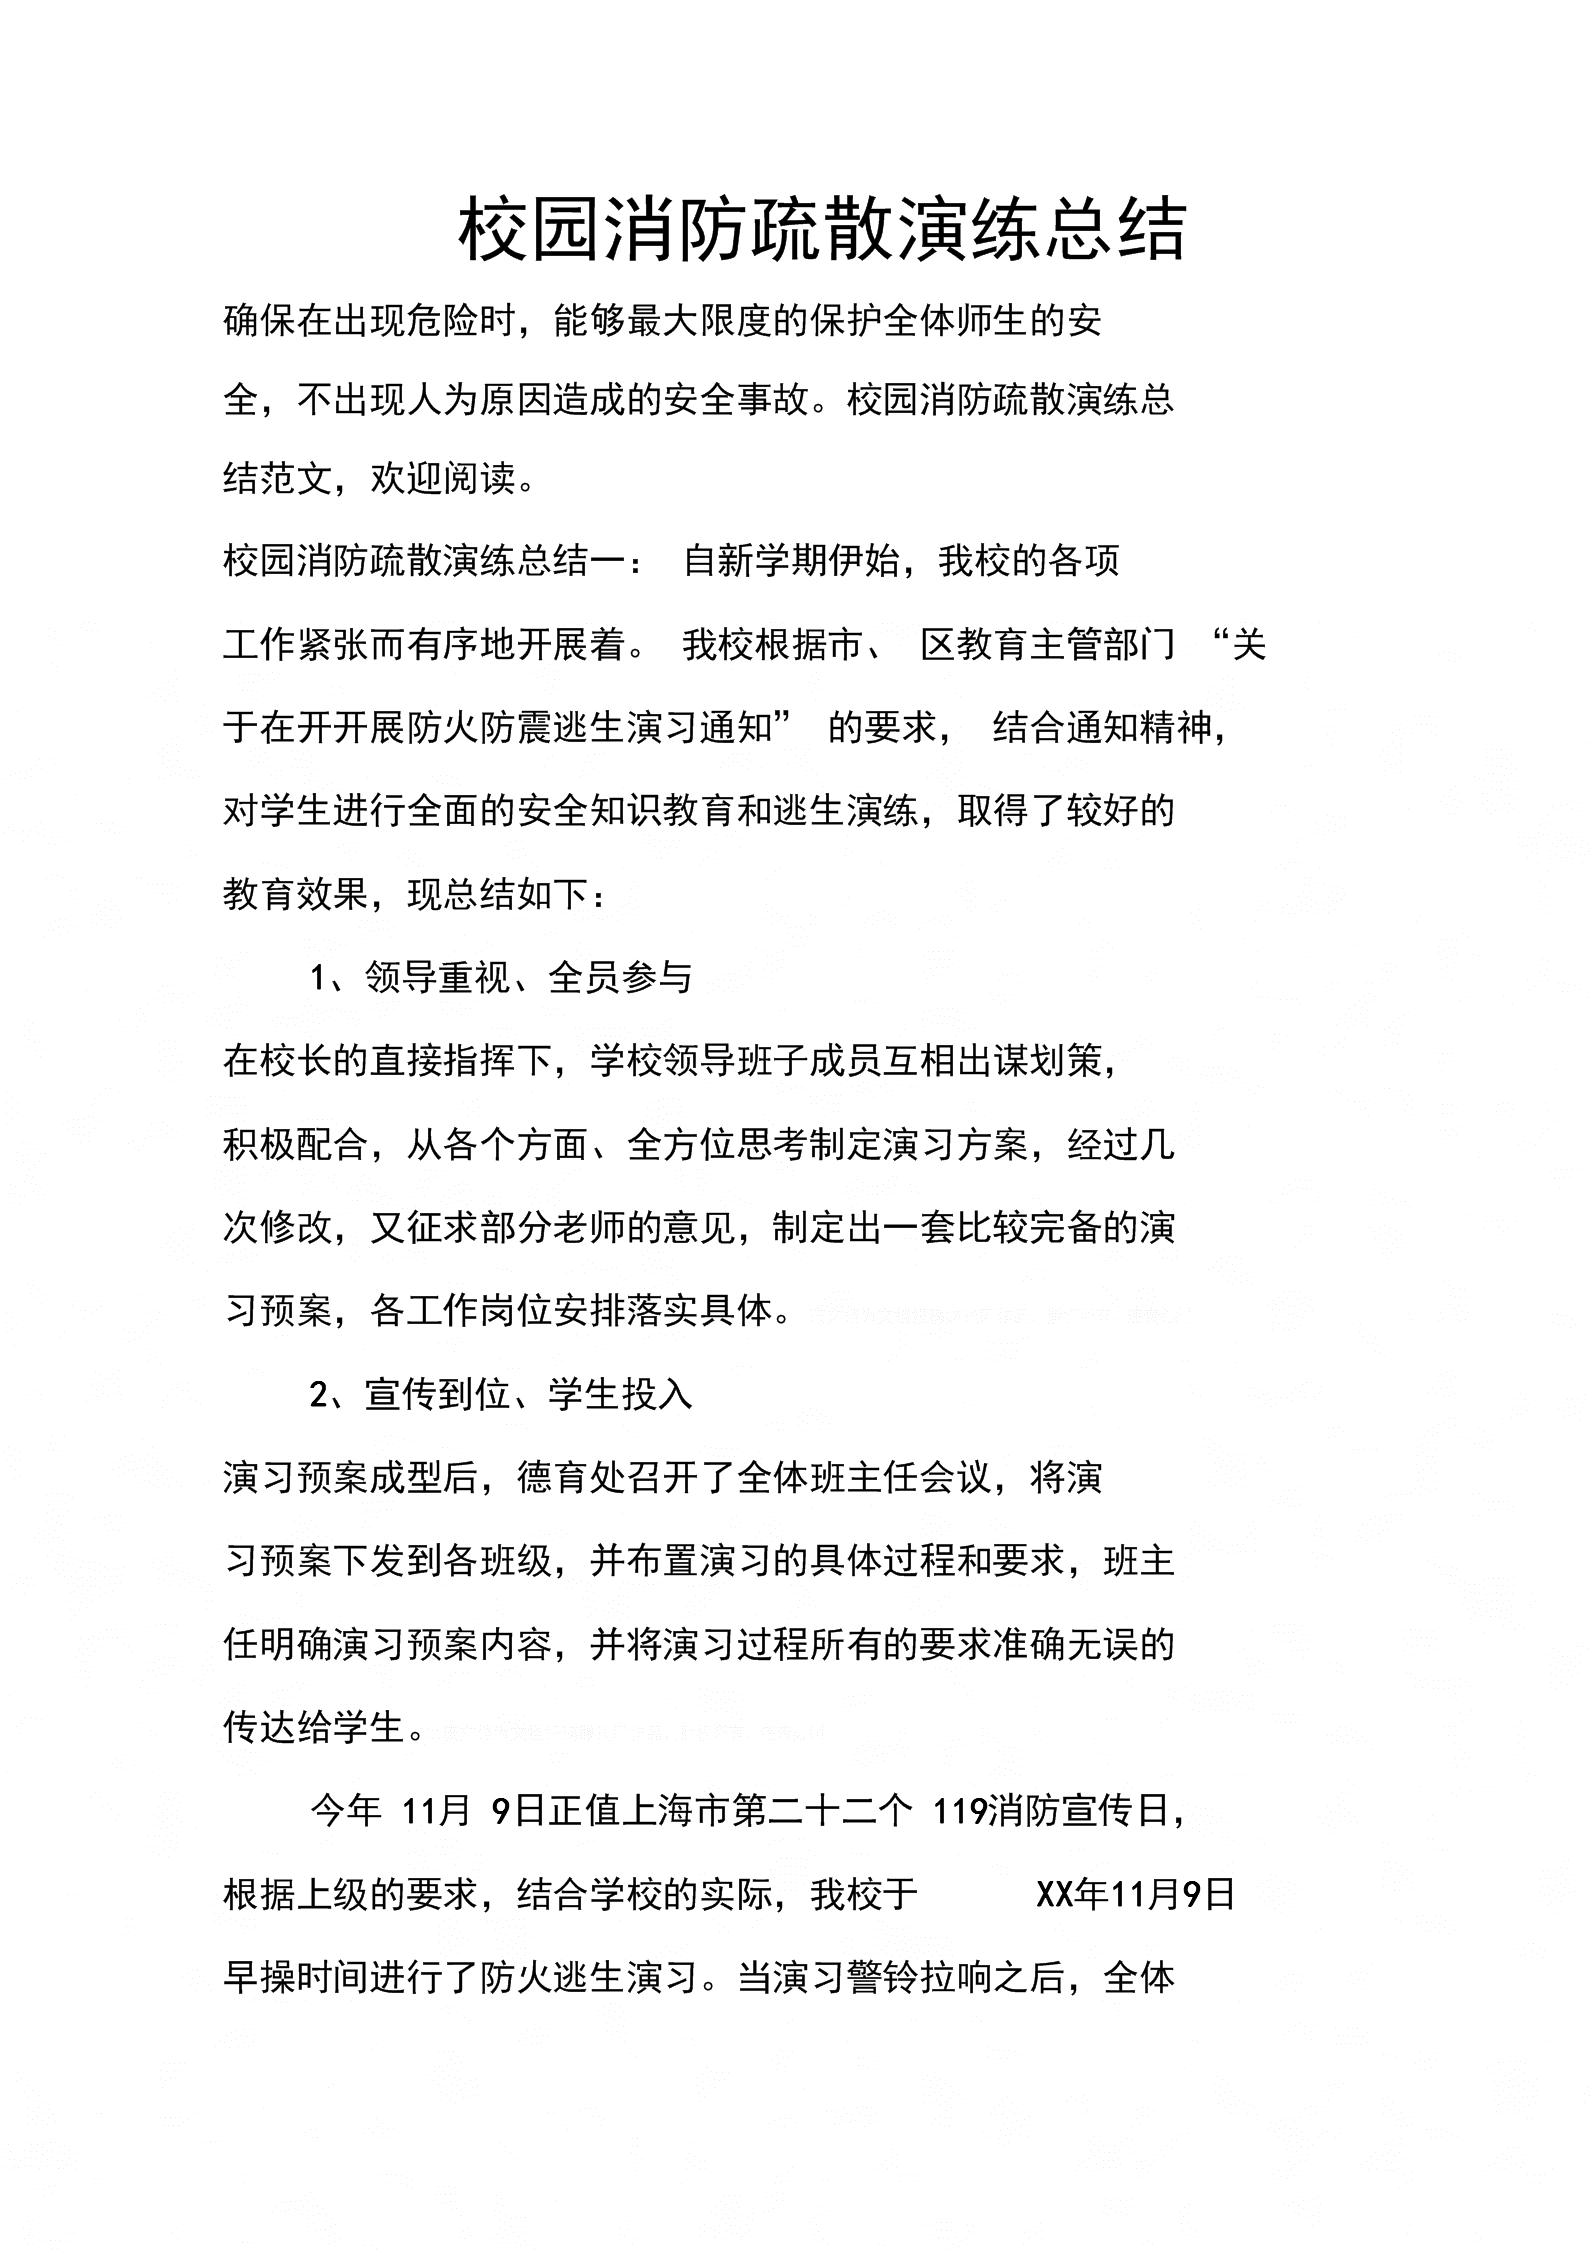 校园消防疏散演练总结.docx